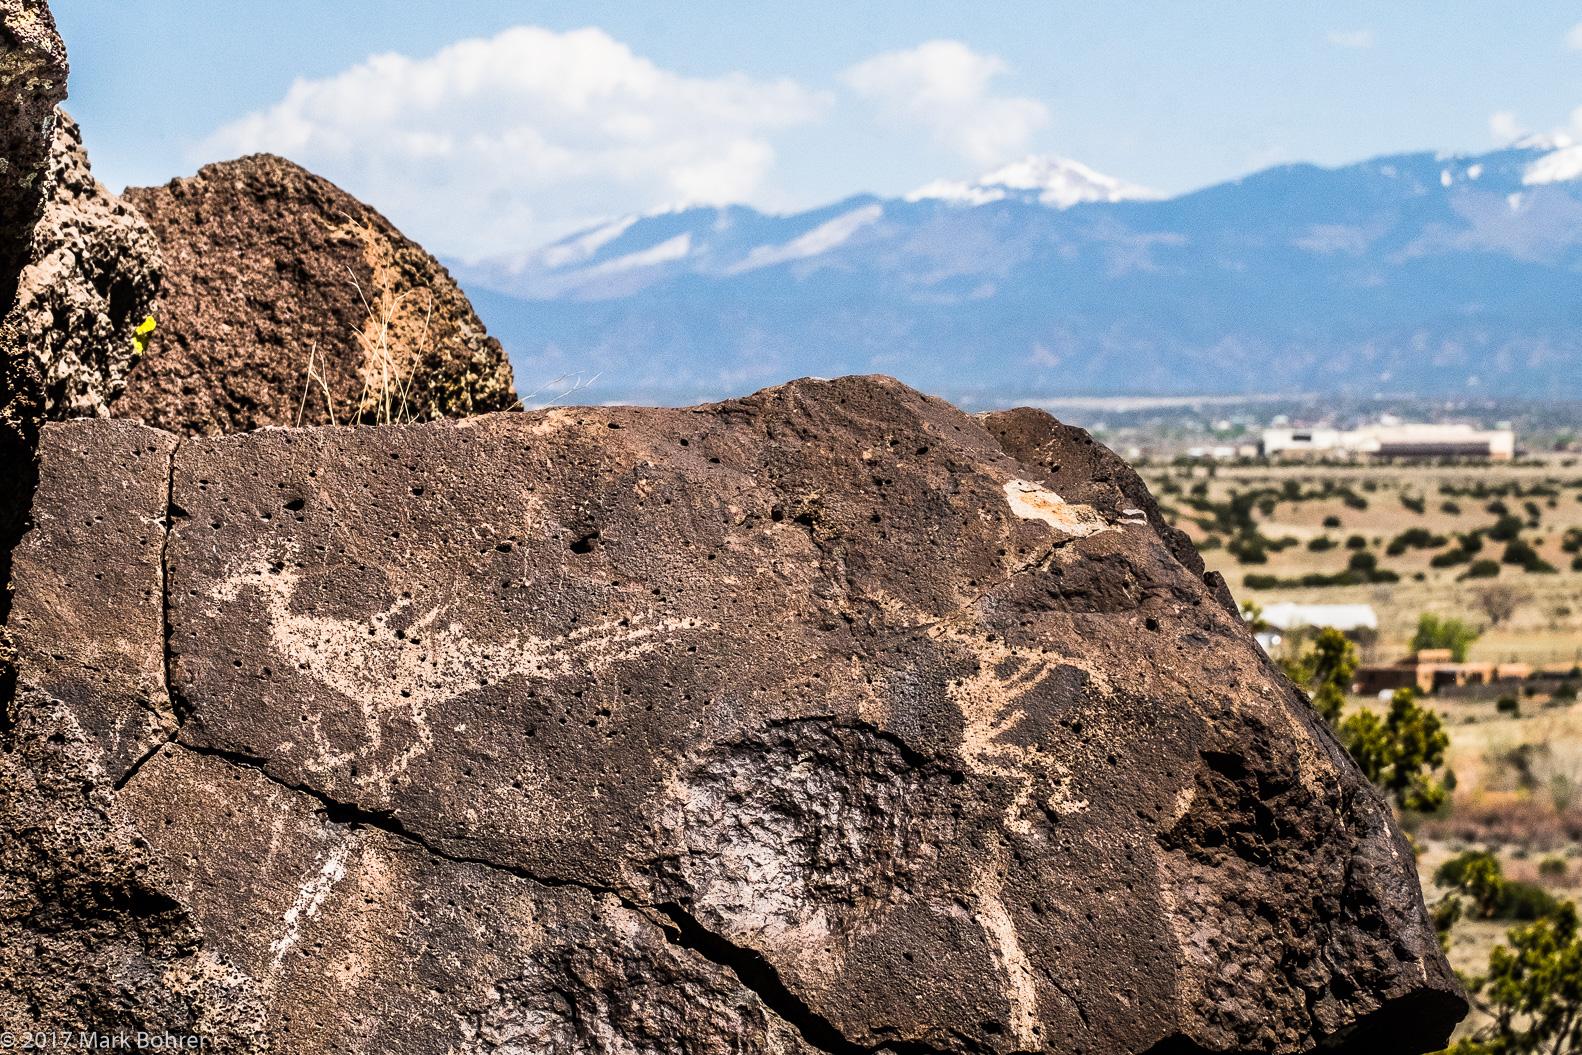 Sangre de Cristo backdrop - La Cieneguilla Petroglyph Site